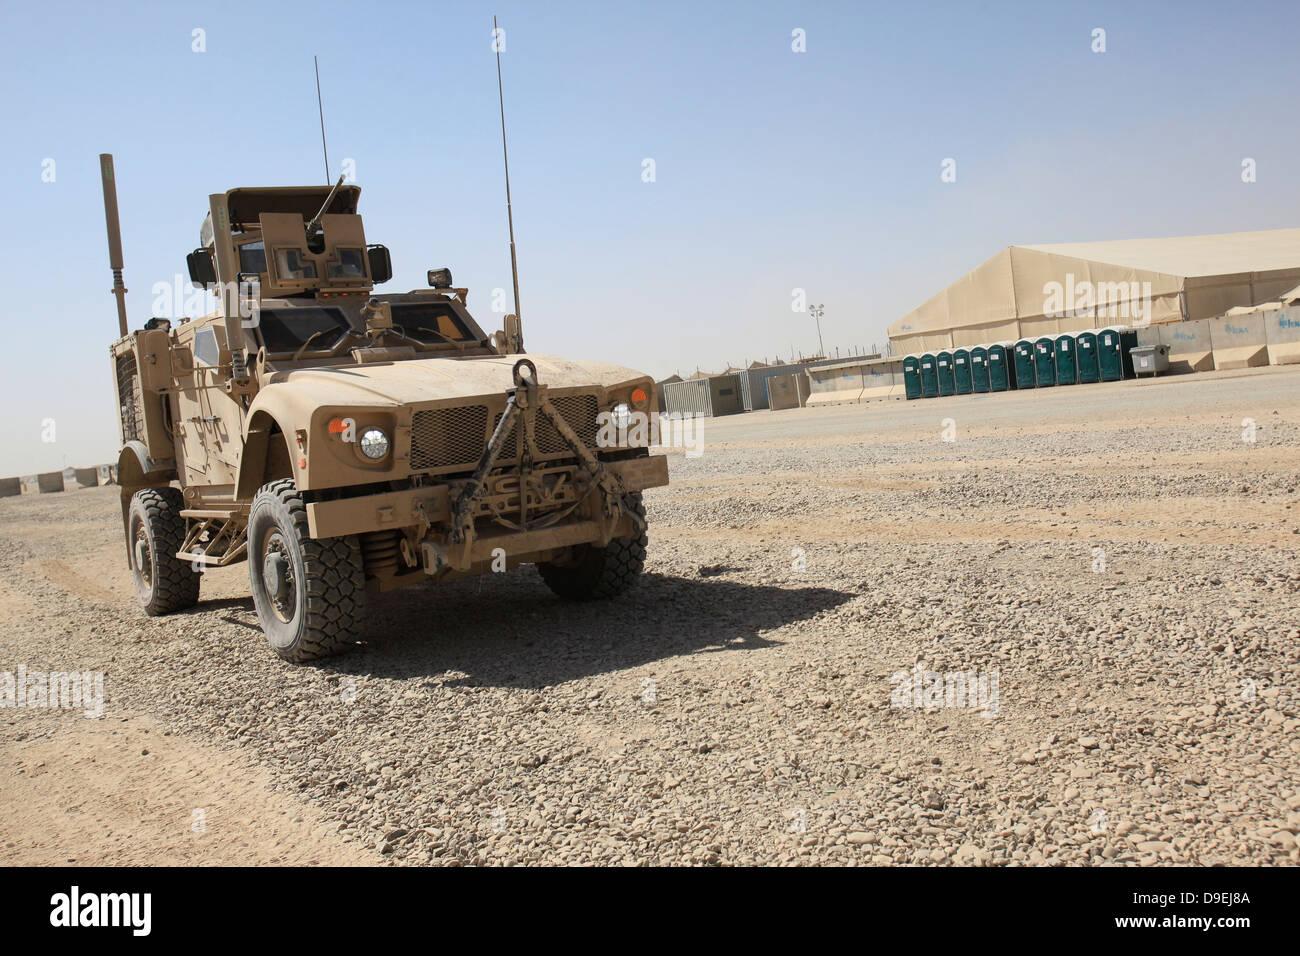 Un Oshkosh M-ATV se encuentra estacionado en Camp Leatherneck, Afganistán. Imagen De Stock